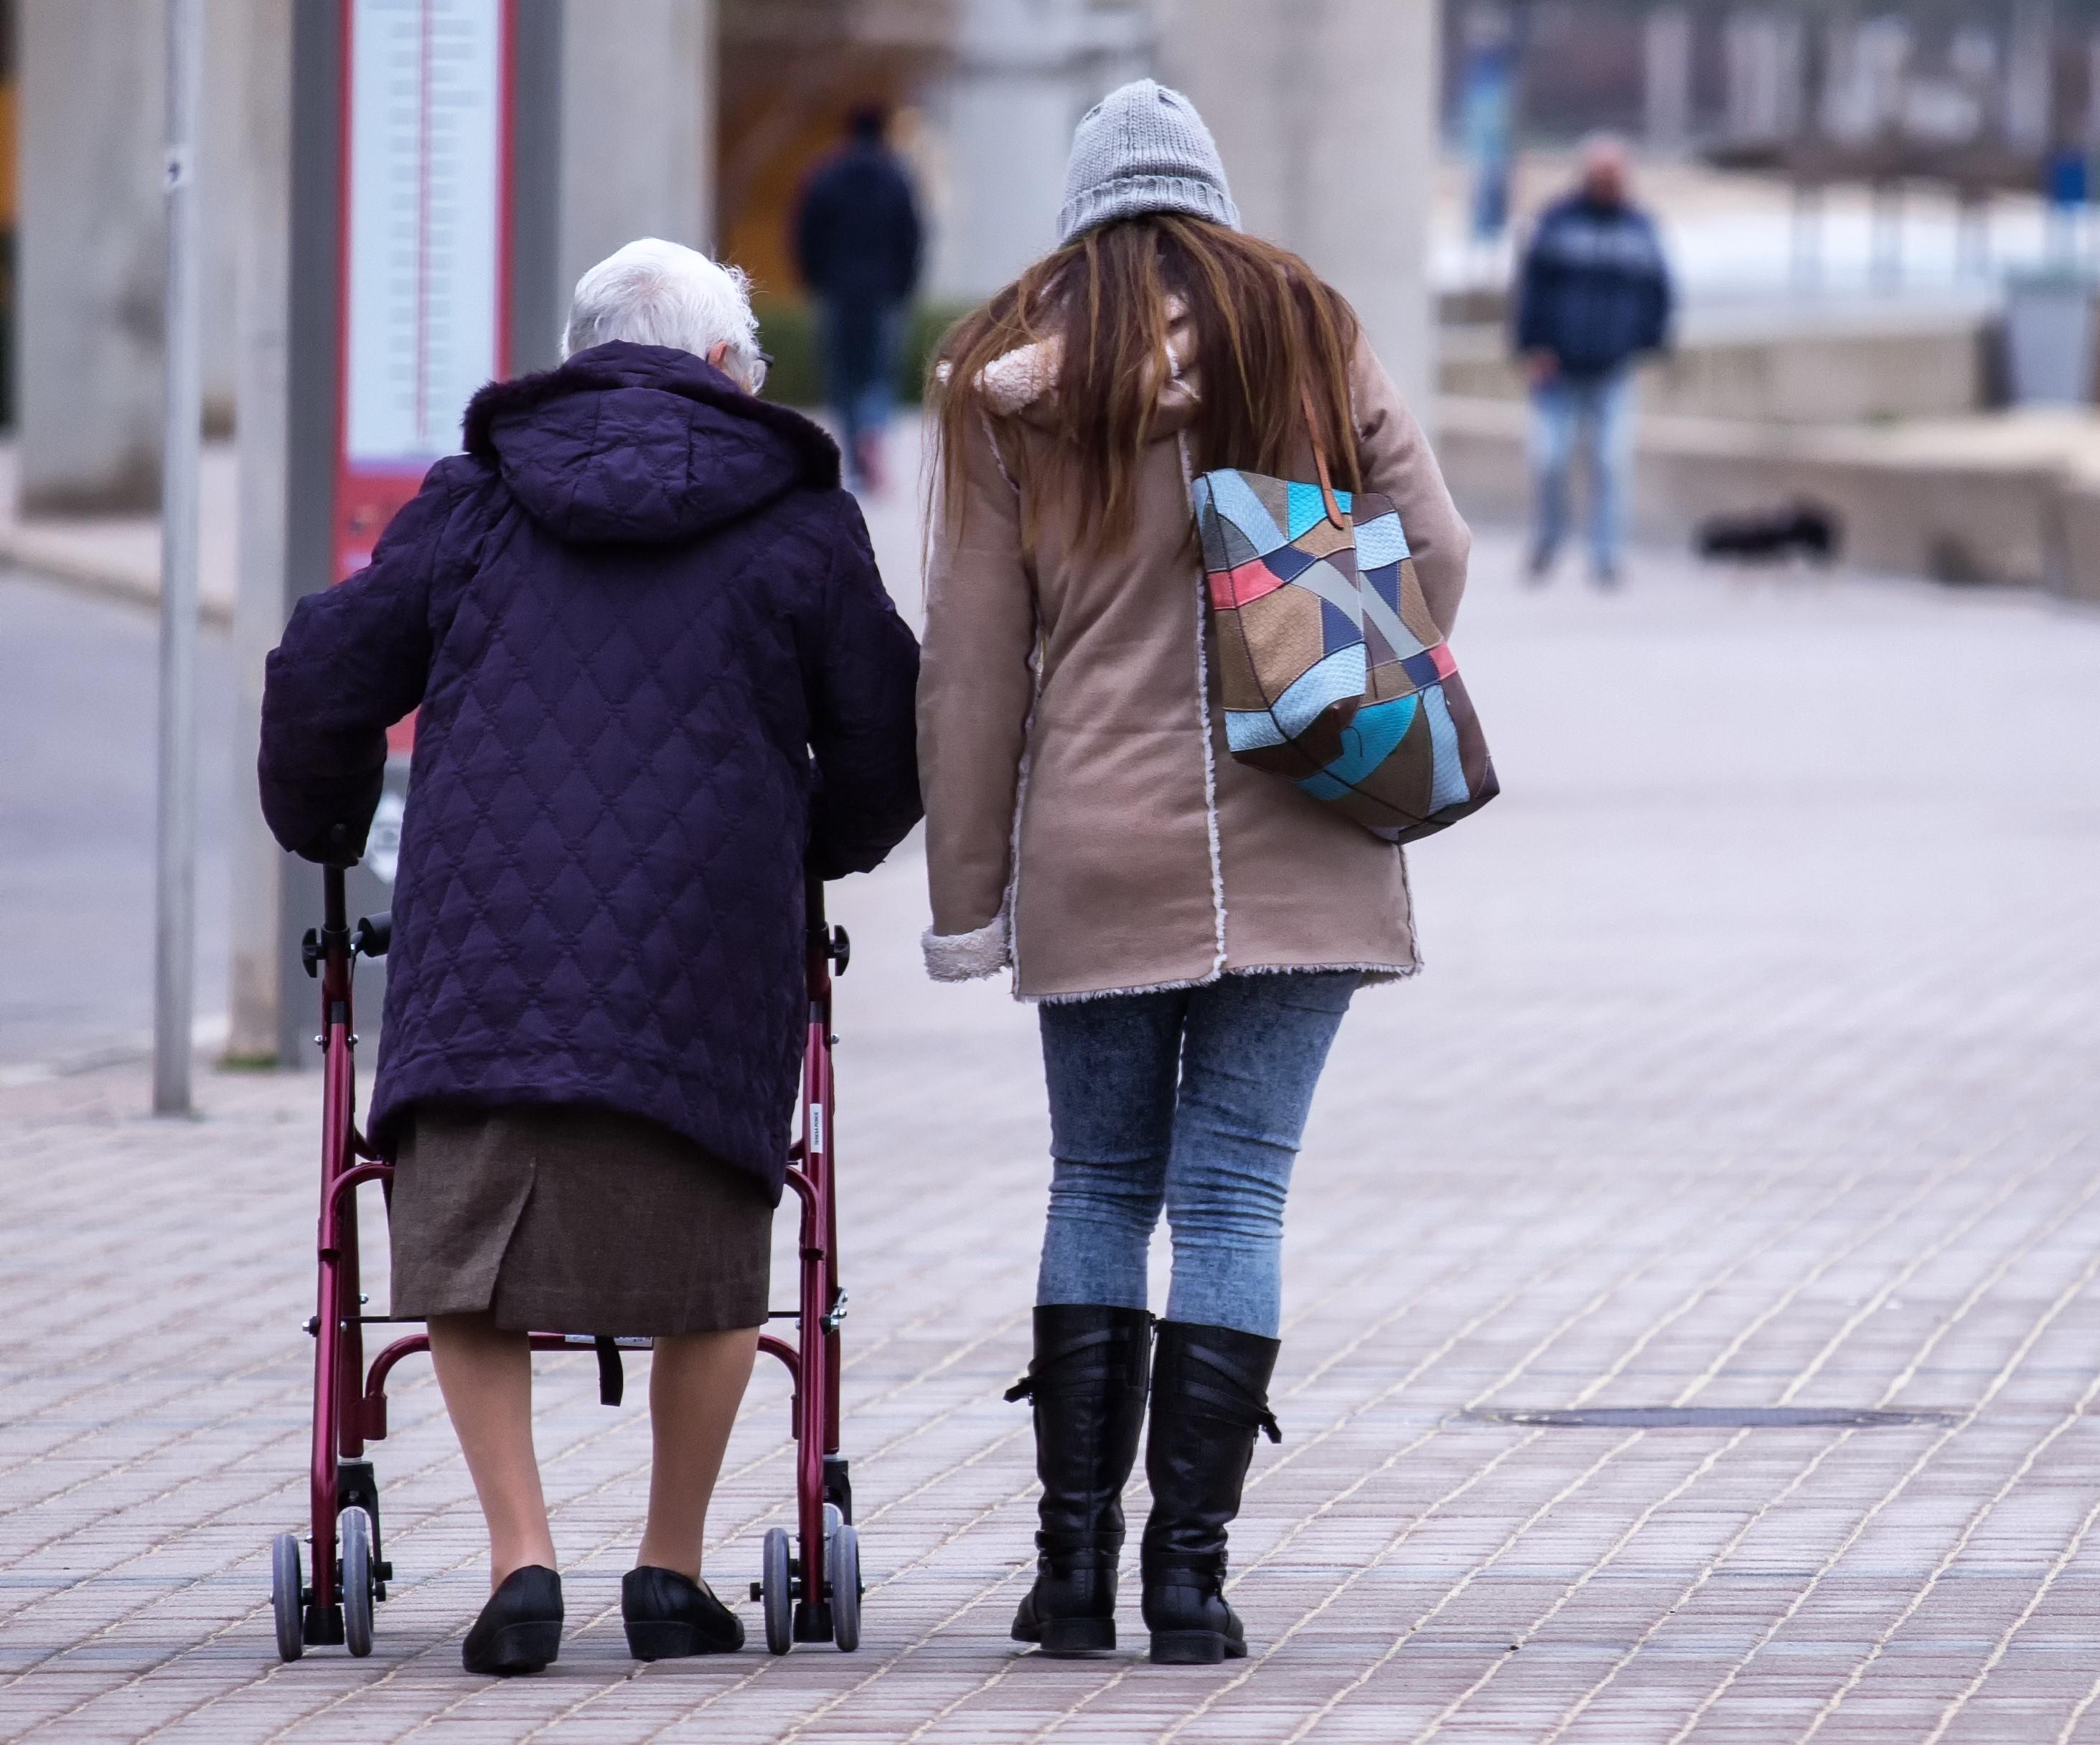 winter risks for elderly